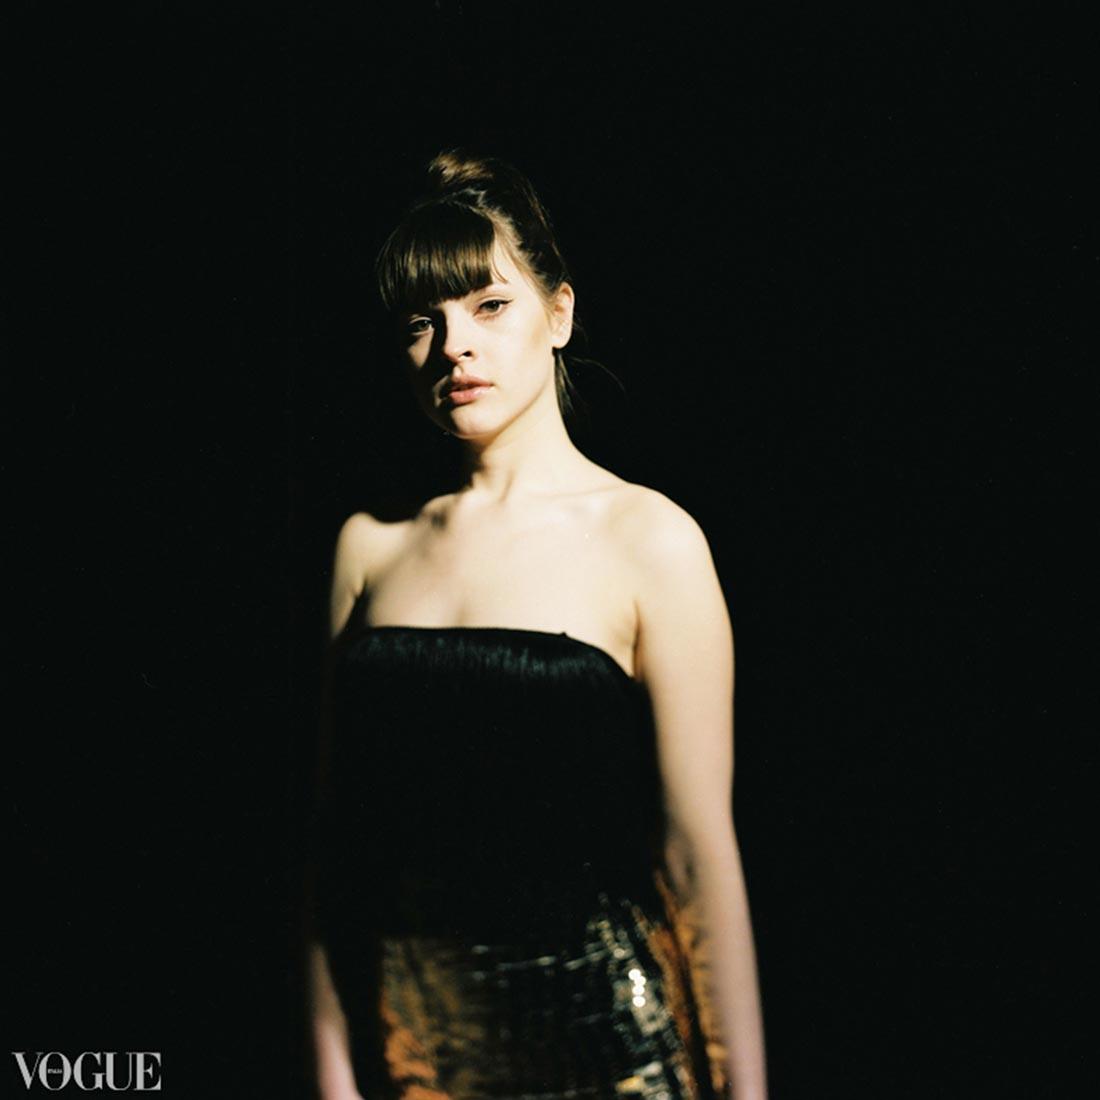 Zdjęcie Vogue